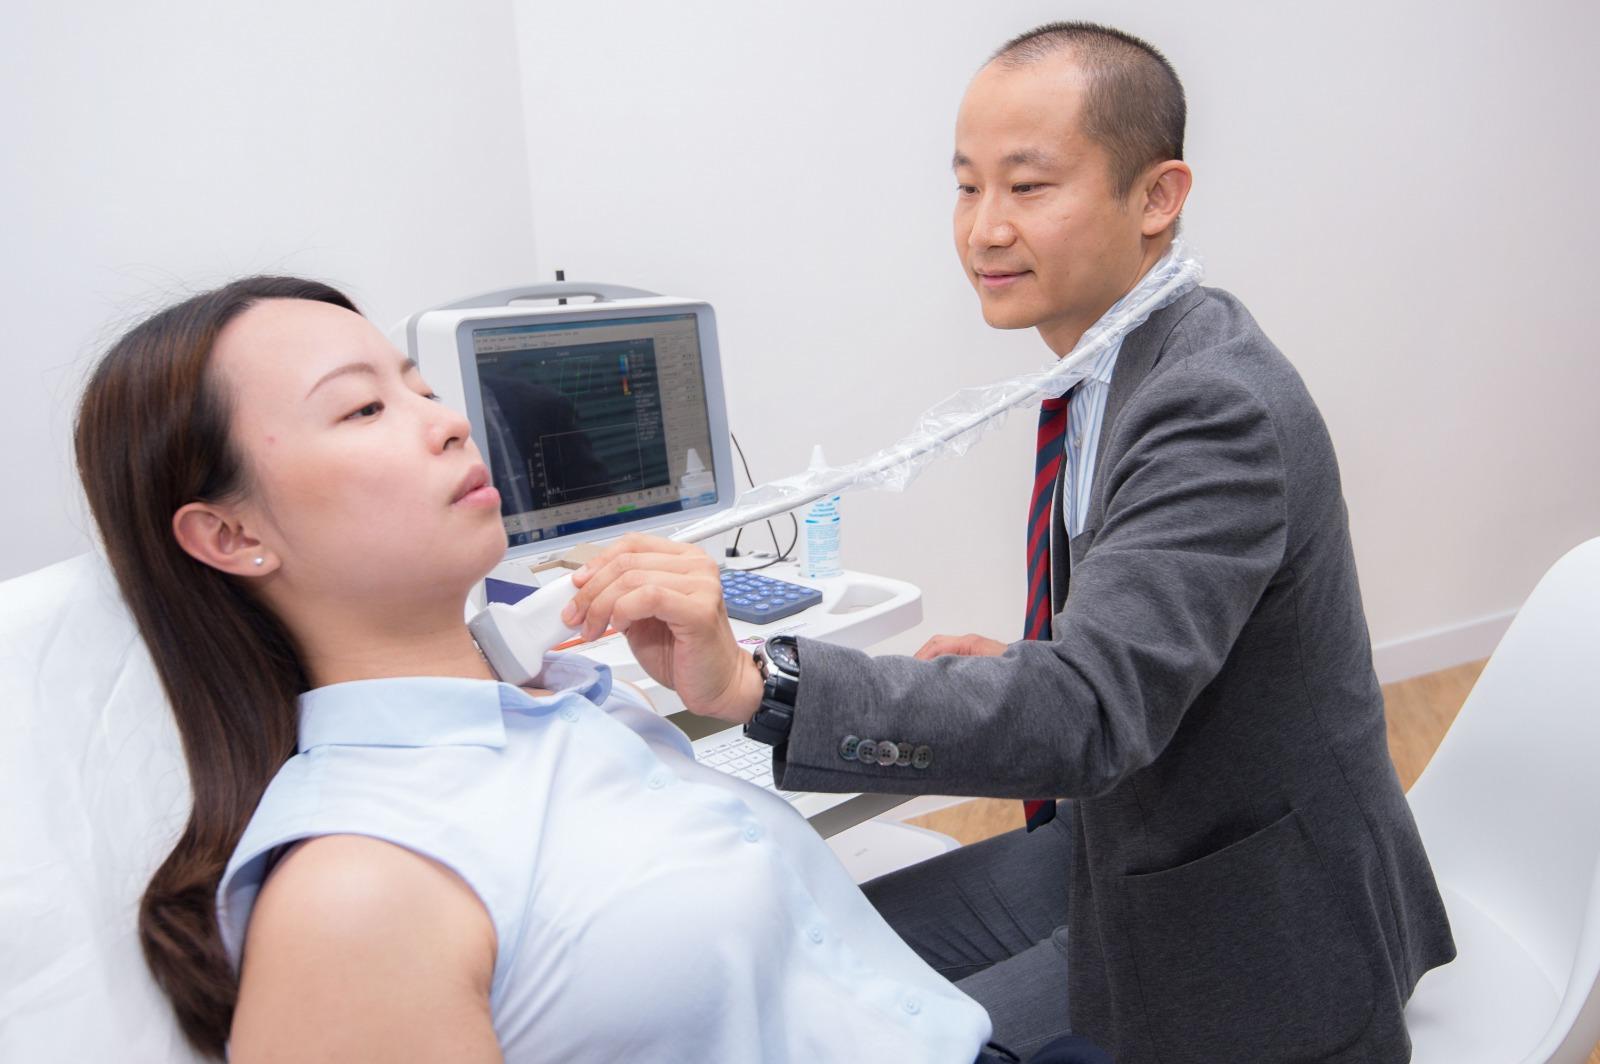 參加計劃的市民如有罹患腦神經疾病風險,有機會被安排接受超聲波檢查,評估腦內各種血液流動及阻塞情況。